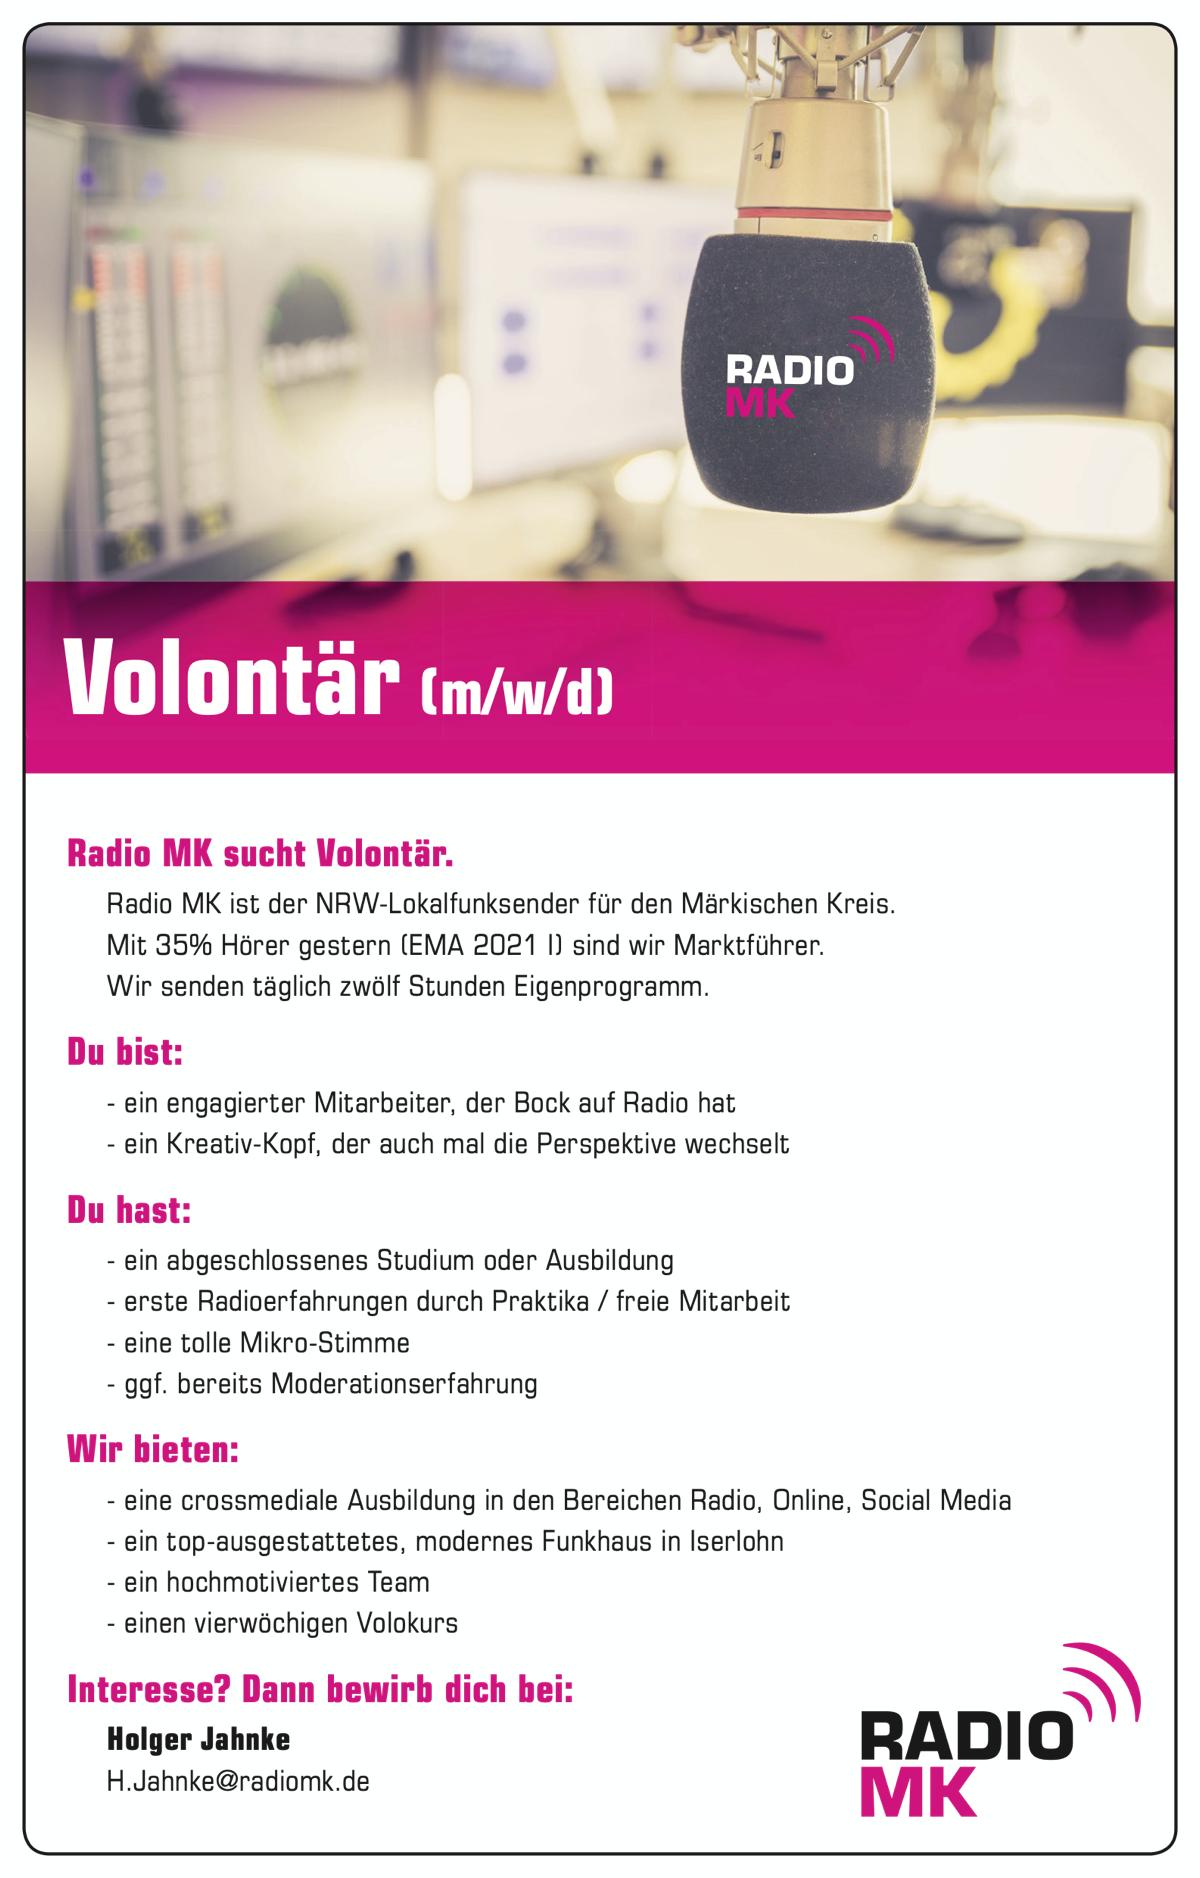 Radio MK sucht Volontär (m/w/d)